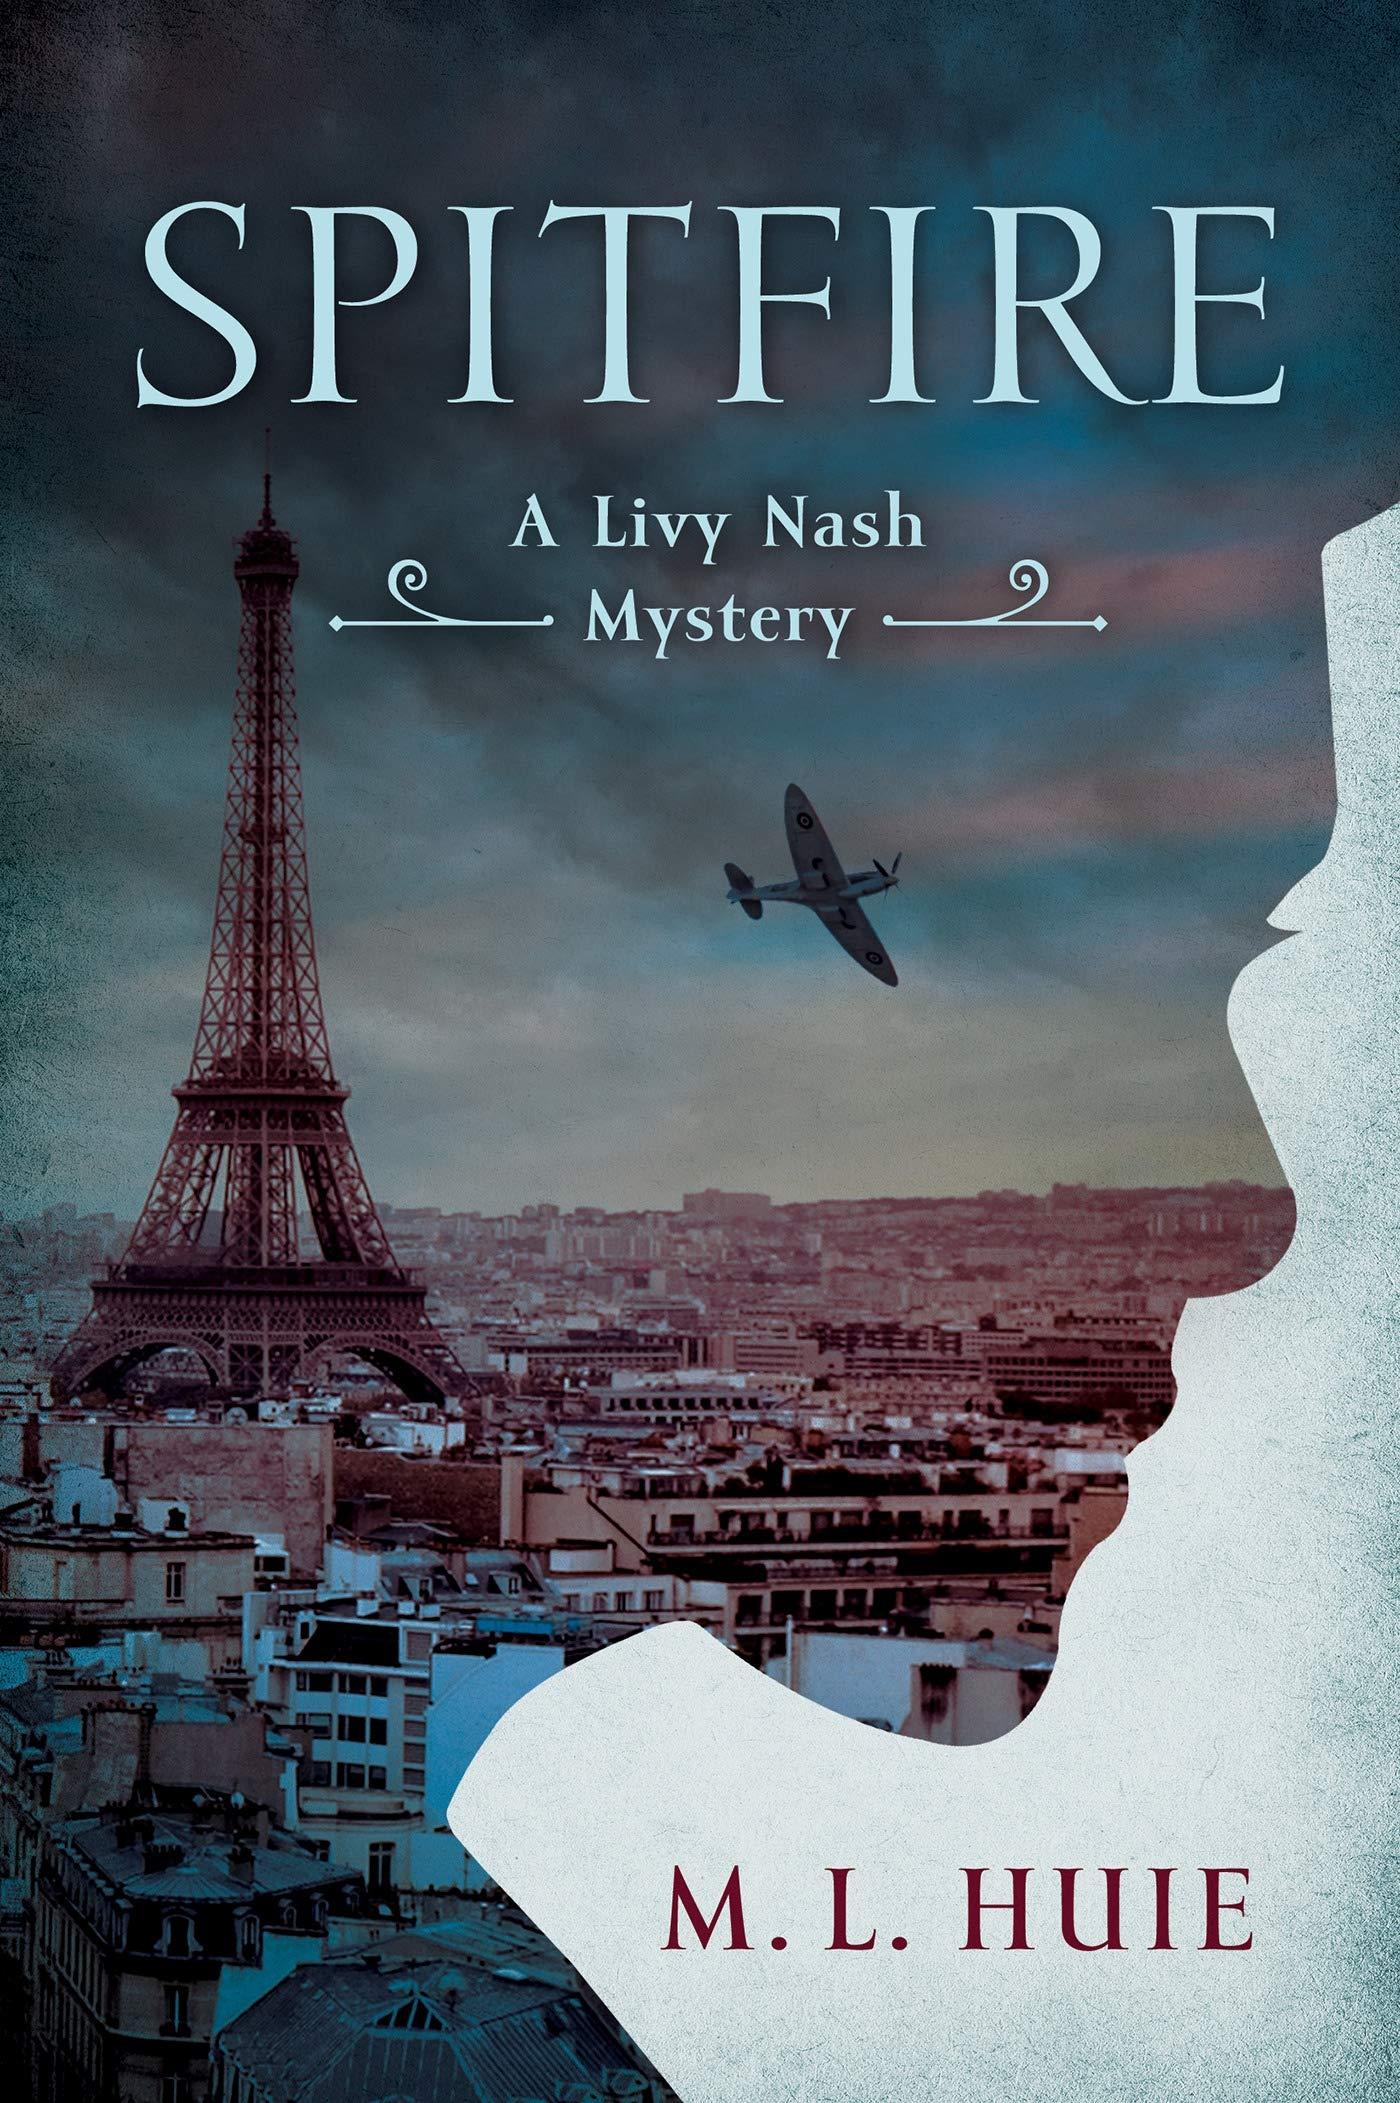 Spitfire: A Livy Nash Mystery